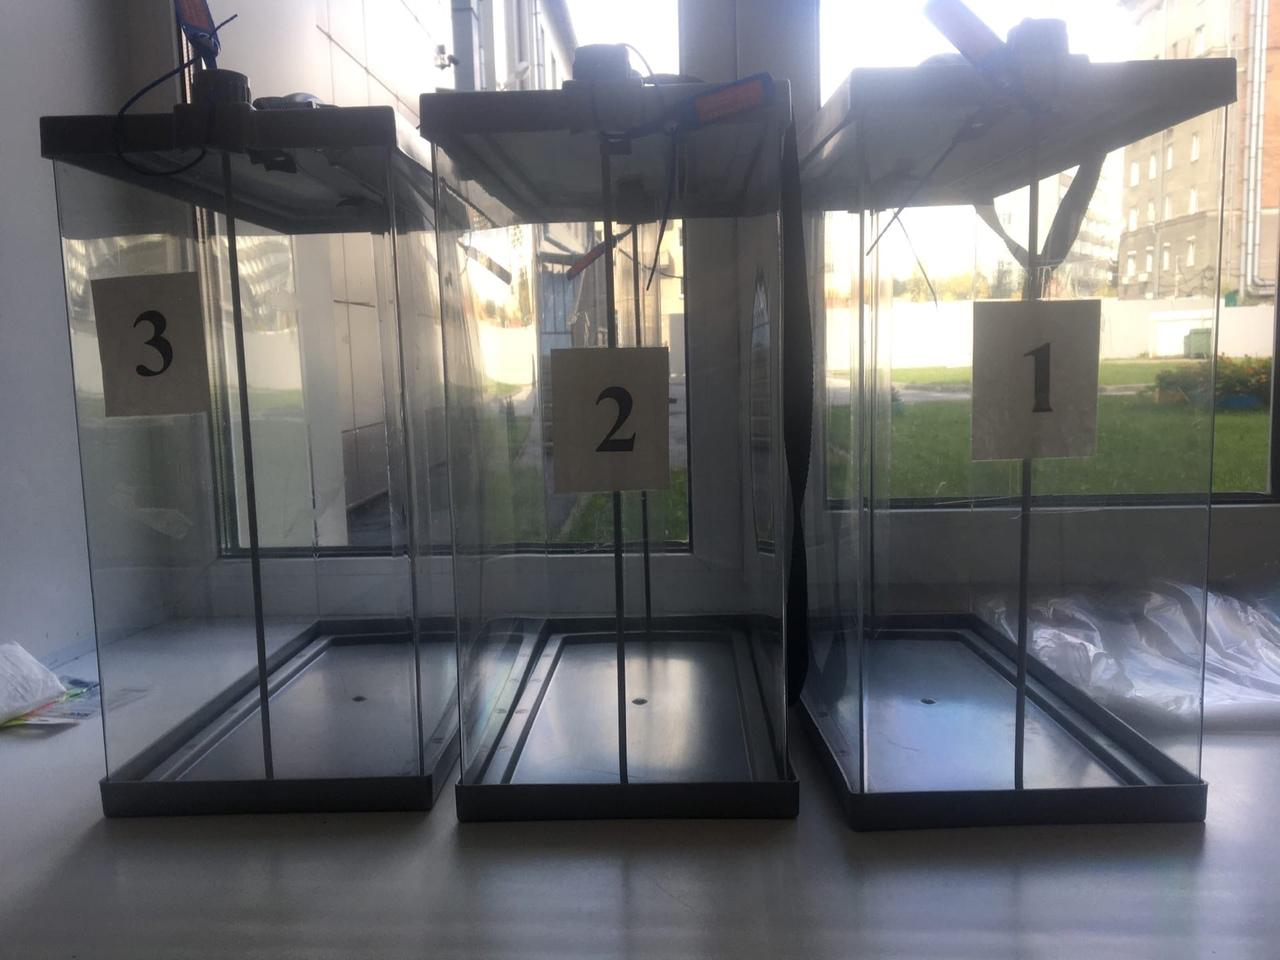 Фото Выборы в Новосибирске: онлайн дня голосования за депутатов Госдумы 19 сентября 2021 года 66